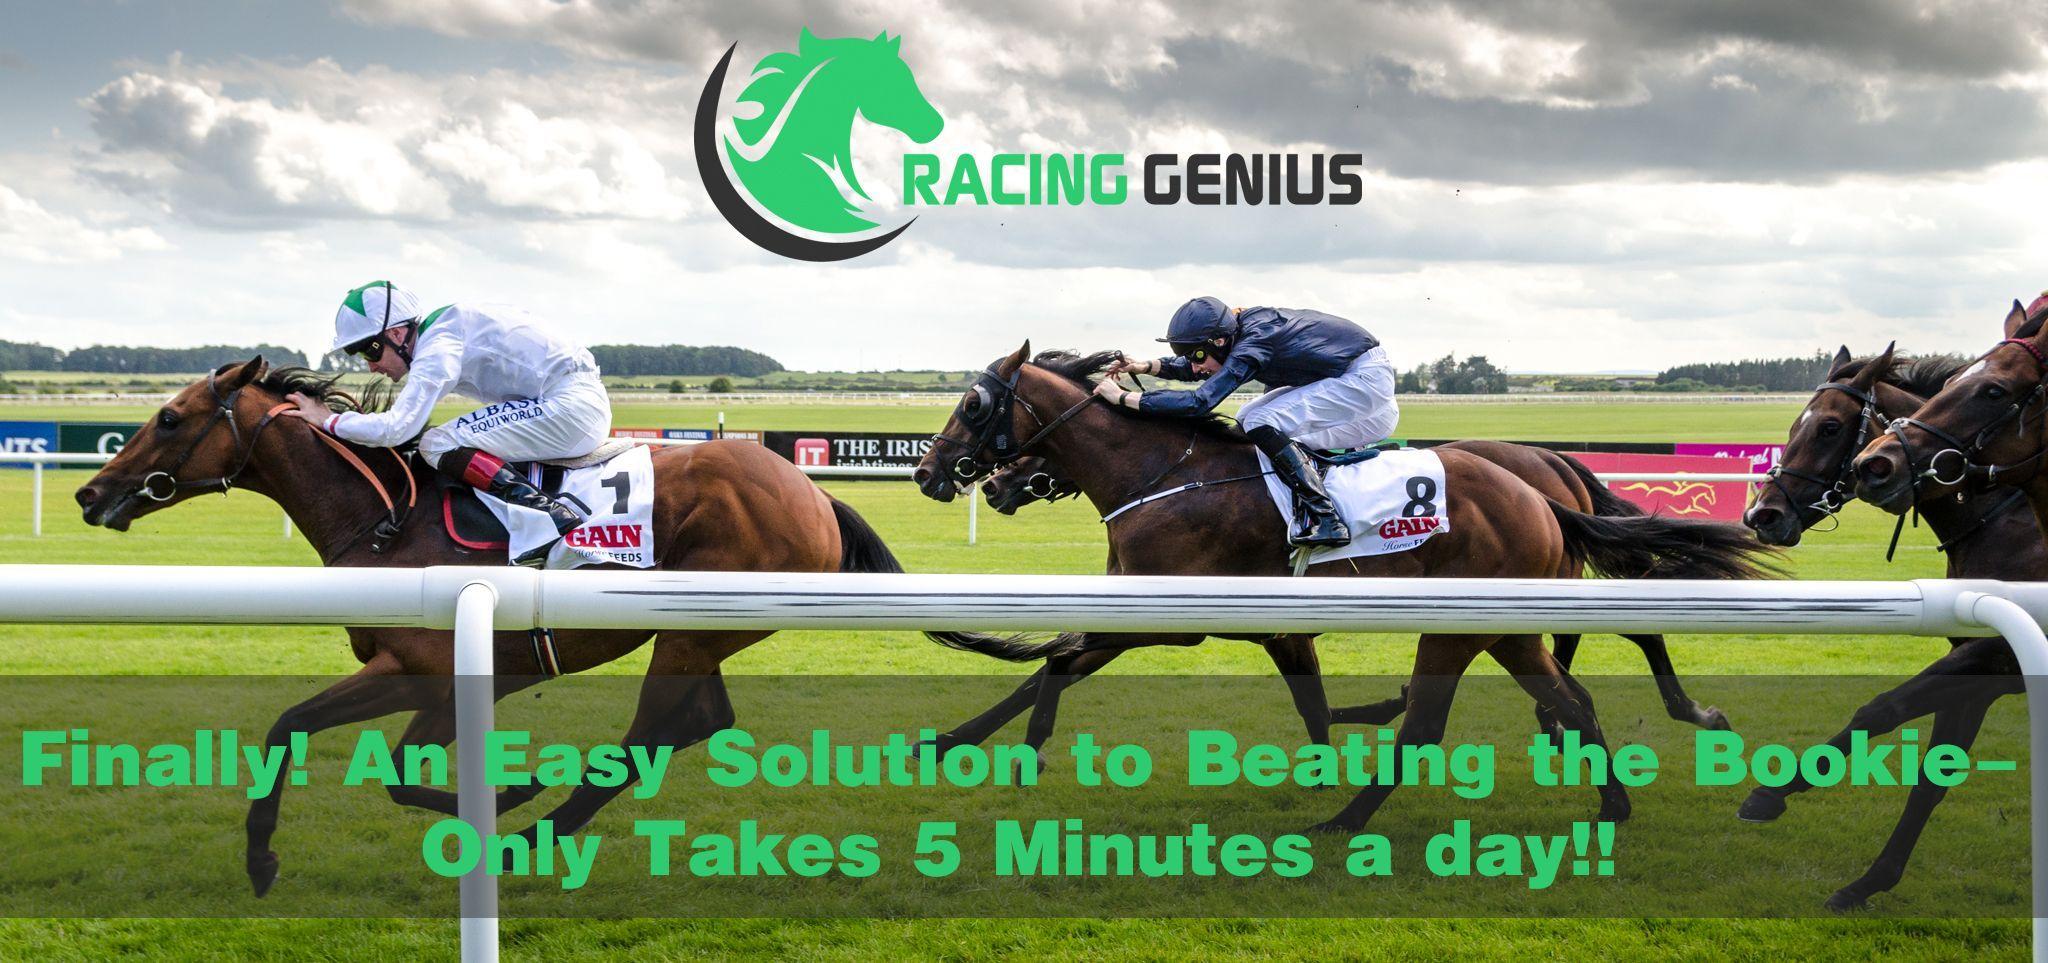 irish racing betting online